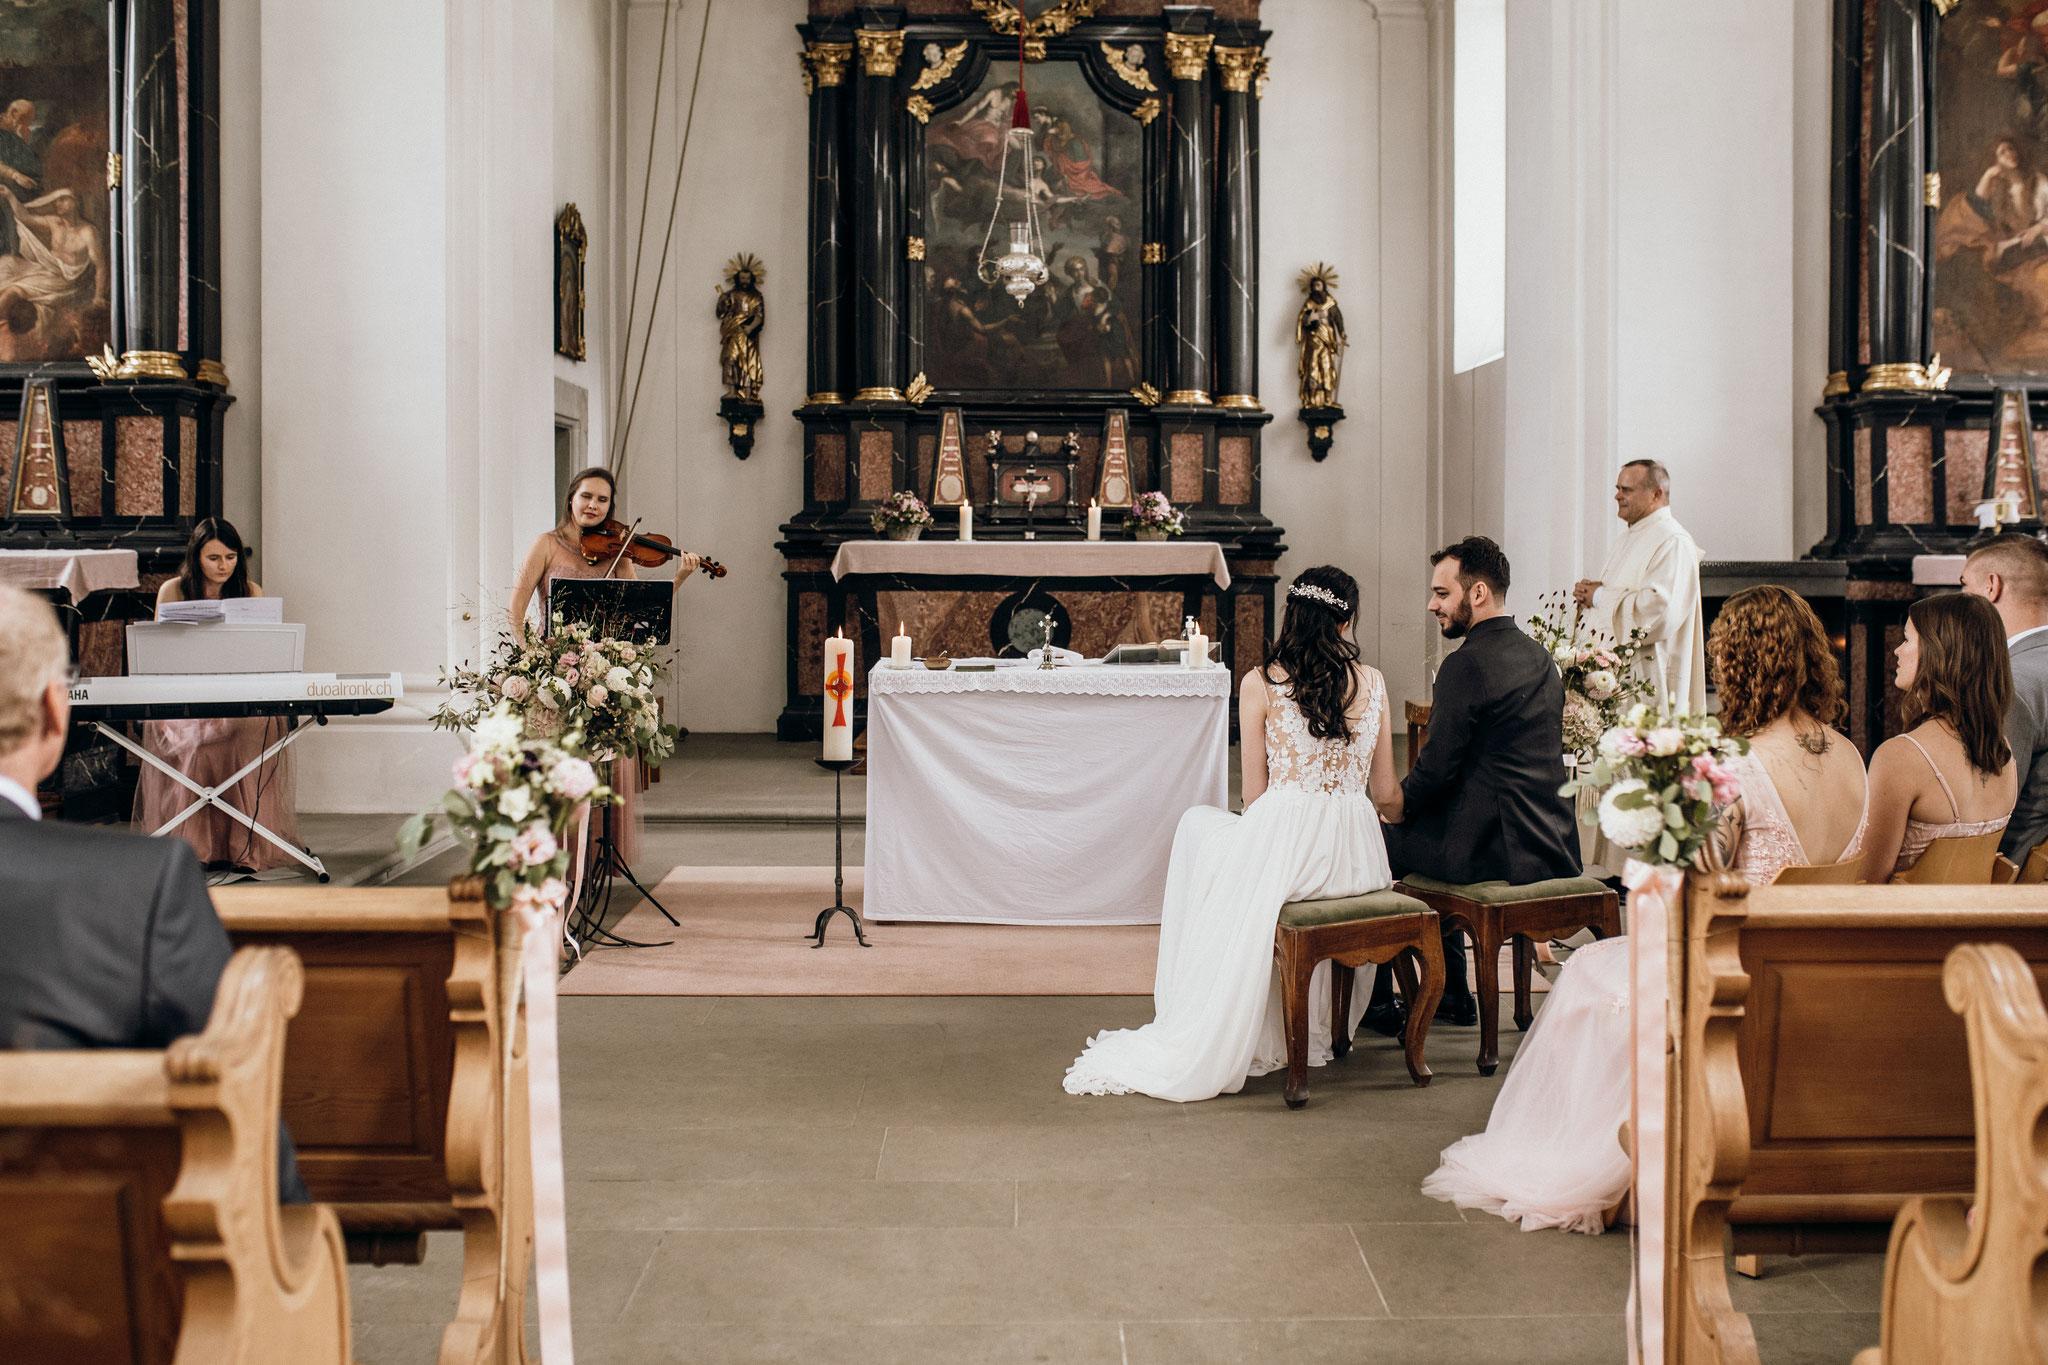 Trauung in der Kapelle St. Verena